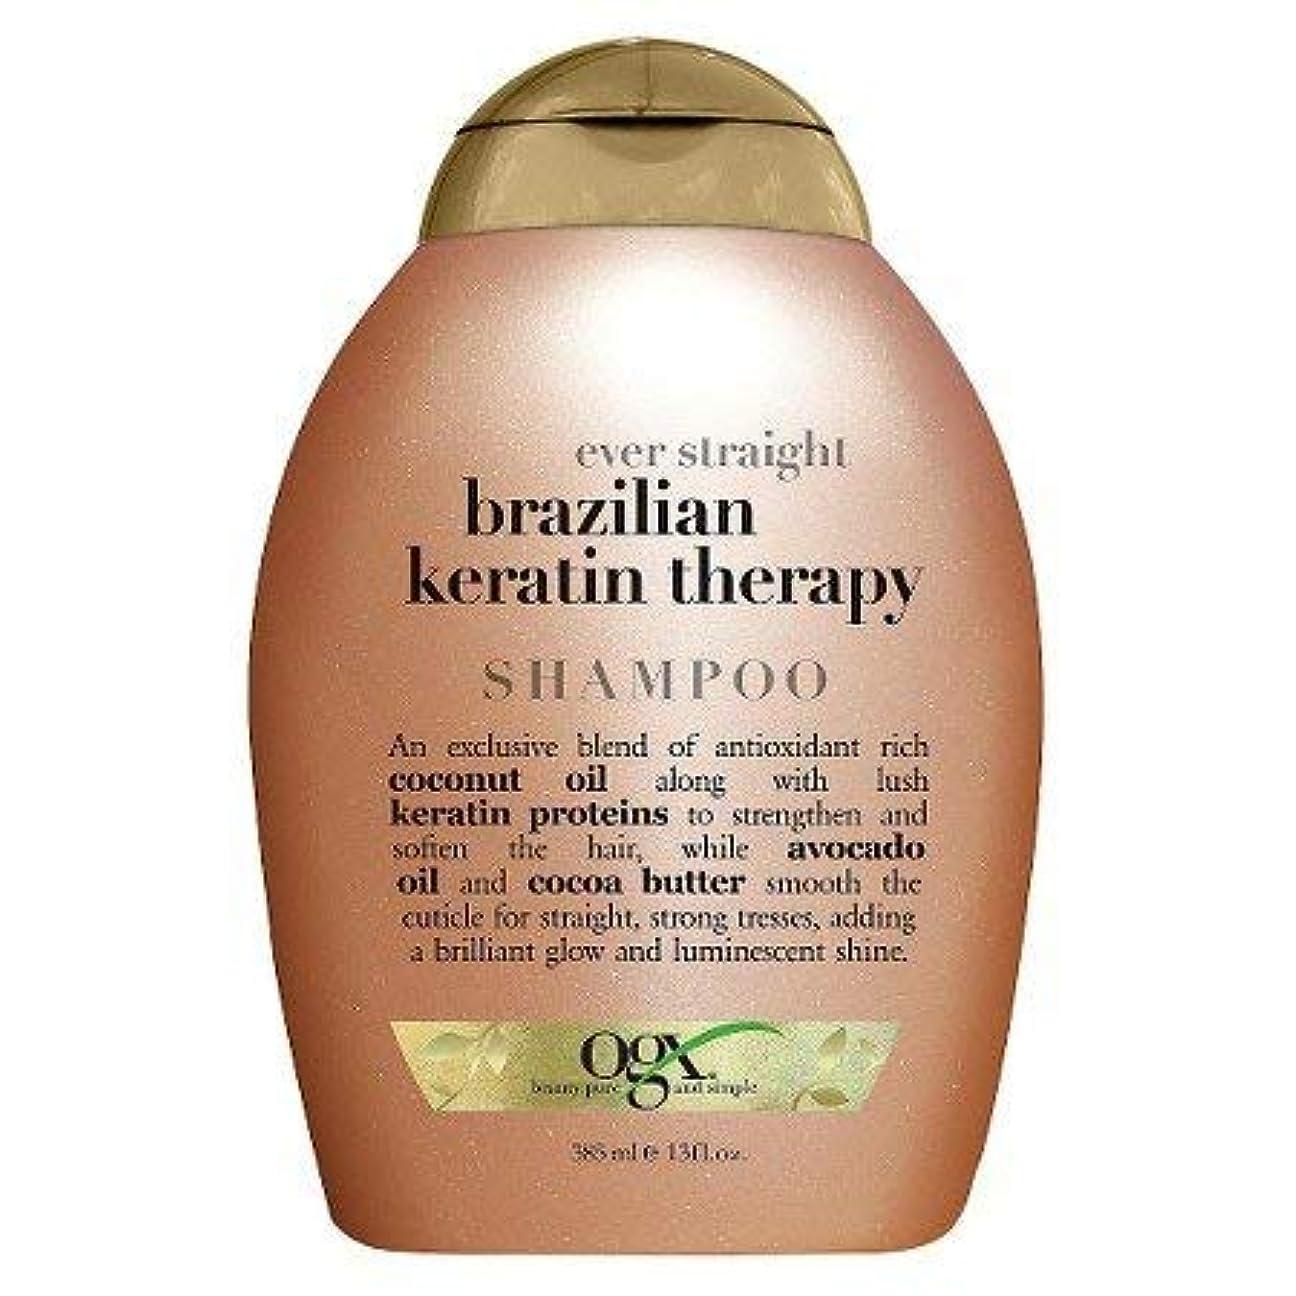 伸ばす重要性ストレスOGX Ever Straight Sulfate & Sodium Free Brazilian Keratin Therapy Shampoo 360ml エヴァーストレートブラジルケラチンセラピーシャンプーシャンプー...